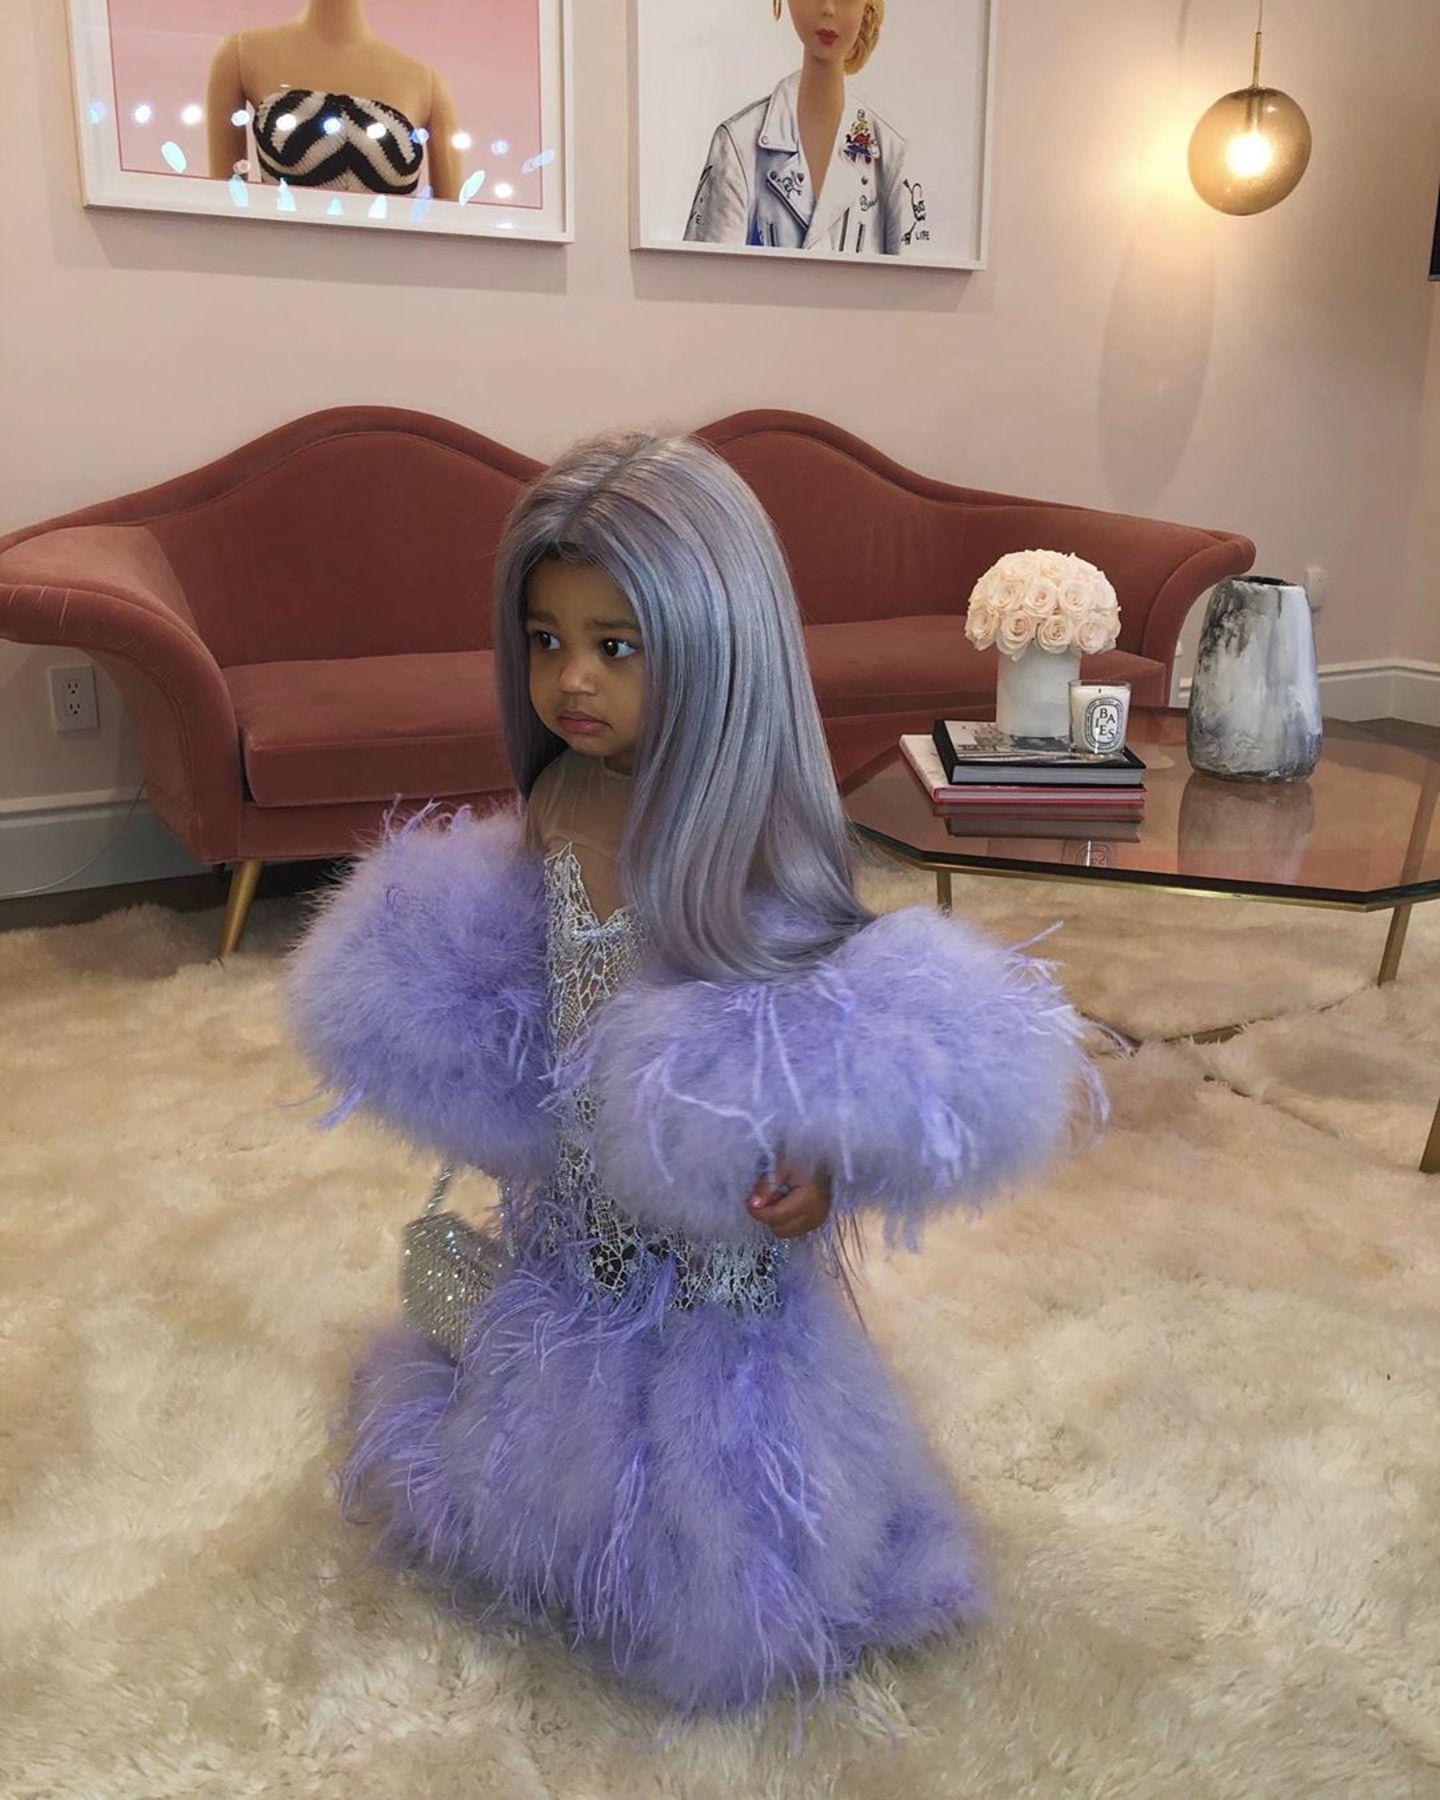 Ob Stormi bereits wenige Tage vor Halloween ihr Kostüm anprobieren darf? Mit einer lilafarbigen Perücke und farblich passendem Glitzer-Kleid mit Feder-Applikationen an Arm und Saum ist die einjährige Tochter von Kylie Jenner kaum wiederzuerkennen. Ihr selbst scheint das ganze Kostüm auch nicht so richtig geheuer - oder sie übt schon einmal ihr gruseliges Halloween-Face.